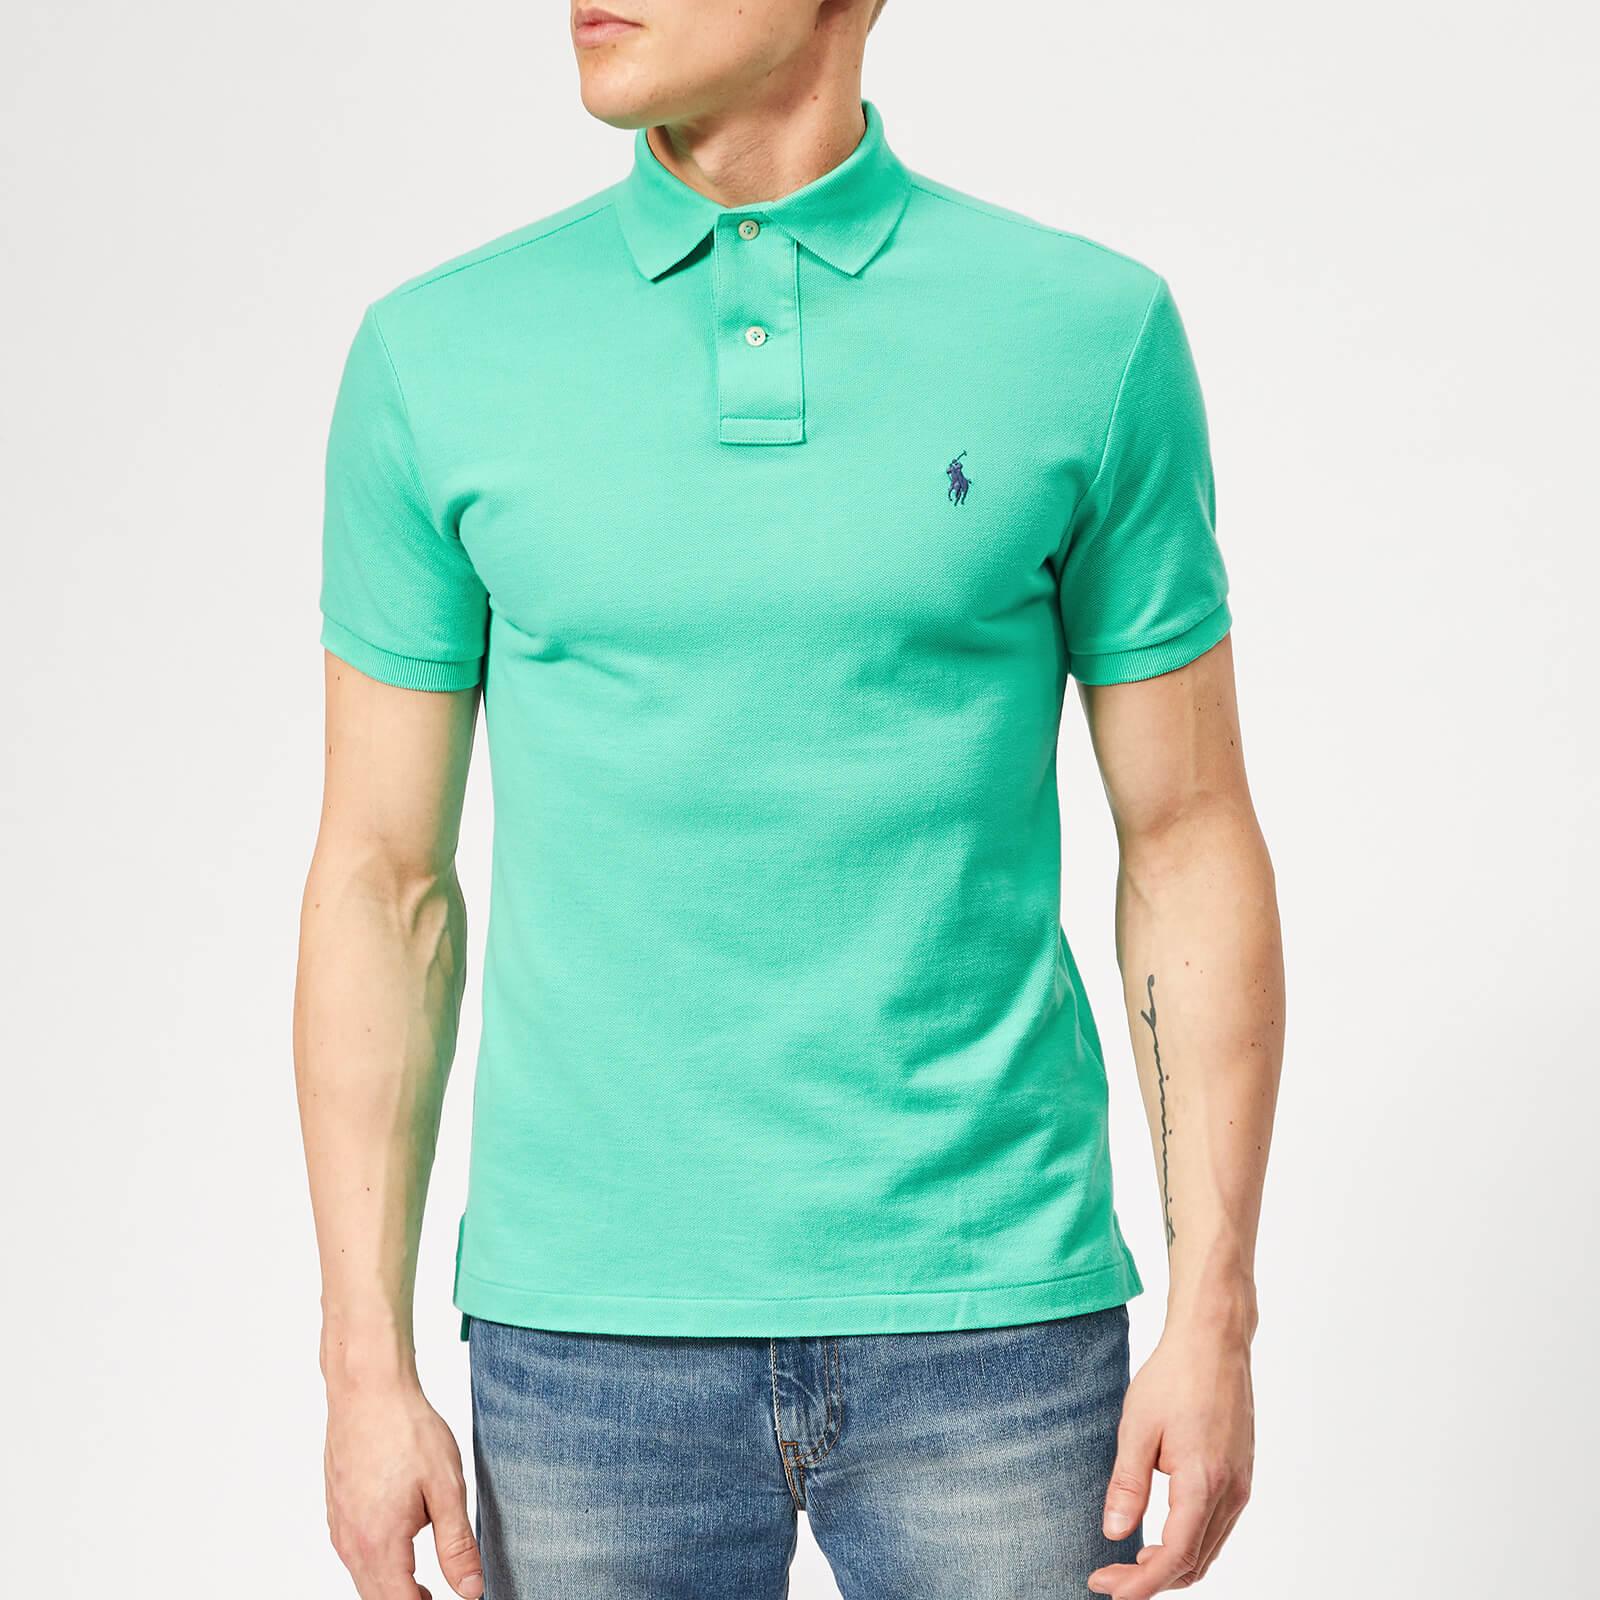 2fd5e4d8 Polo Ralph Lauren Men's Basic Pique Slim Fit Polo Shirt - Sunset Green